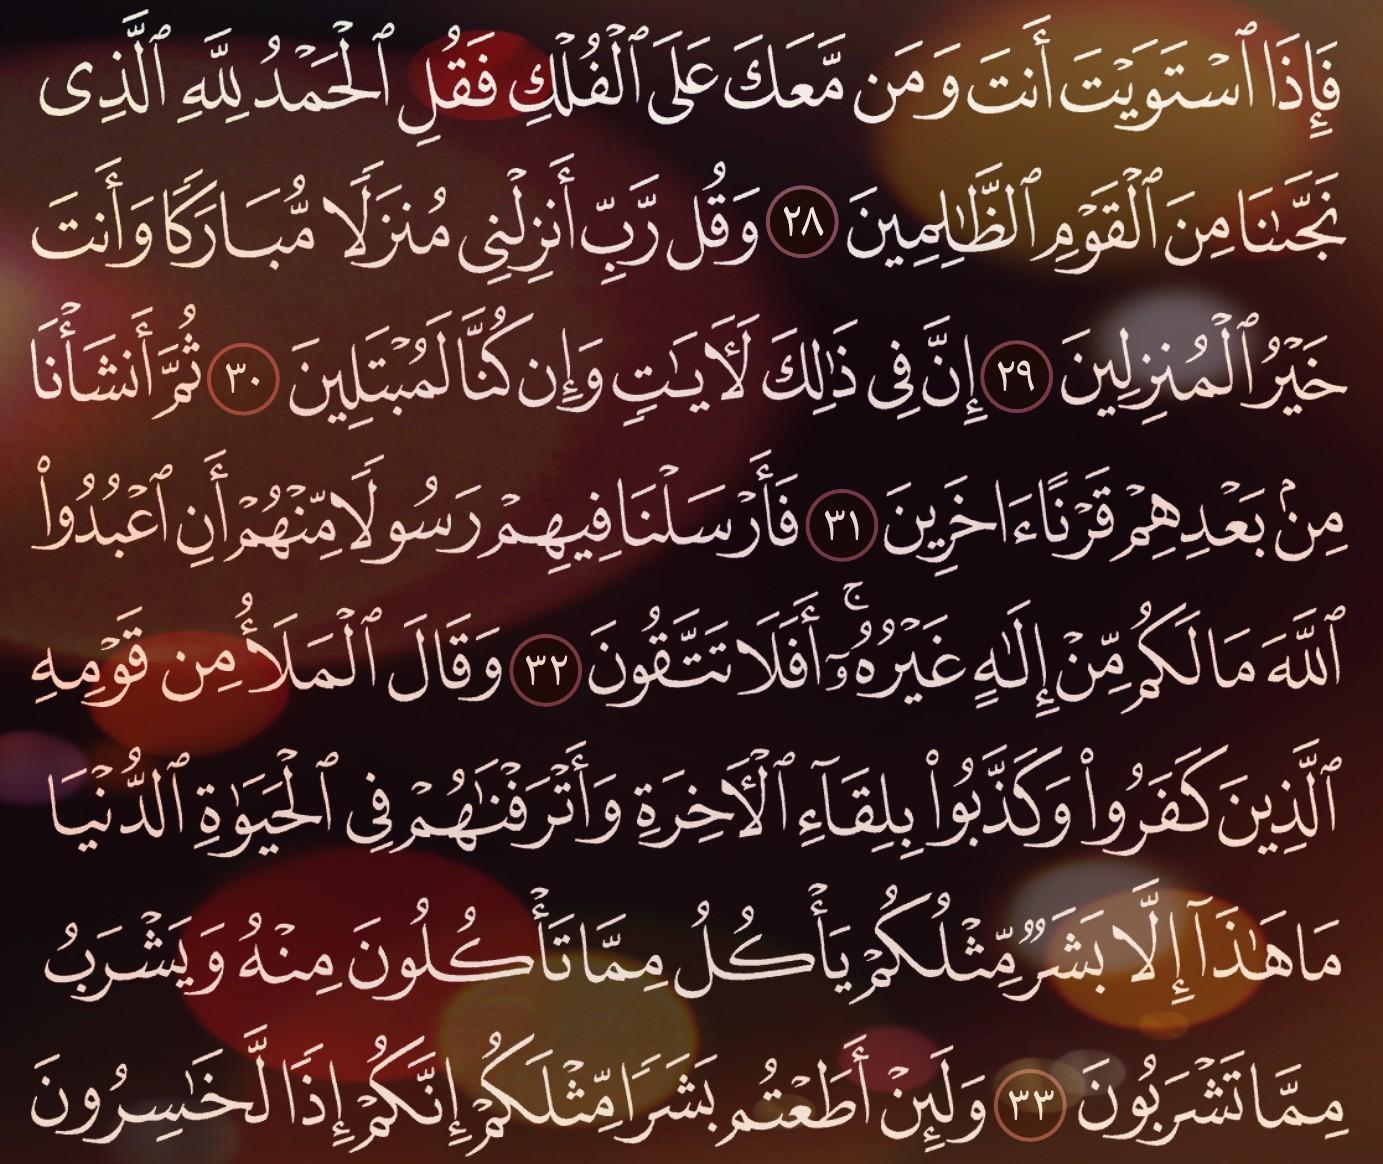 شرح وتفسير سورة المؤمنون Surah Al-Mu'minun  ( من الآية 18 إلى الاية 17 )